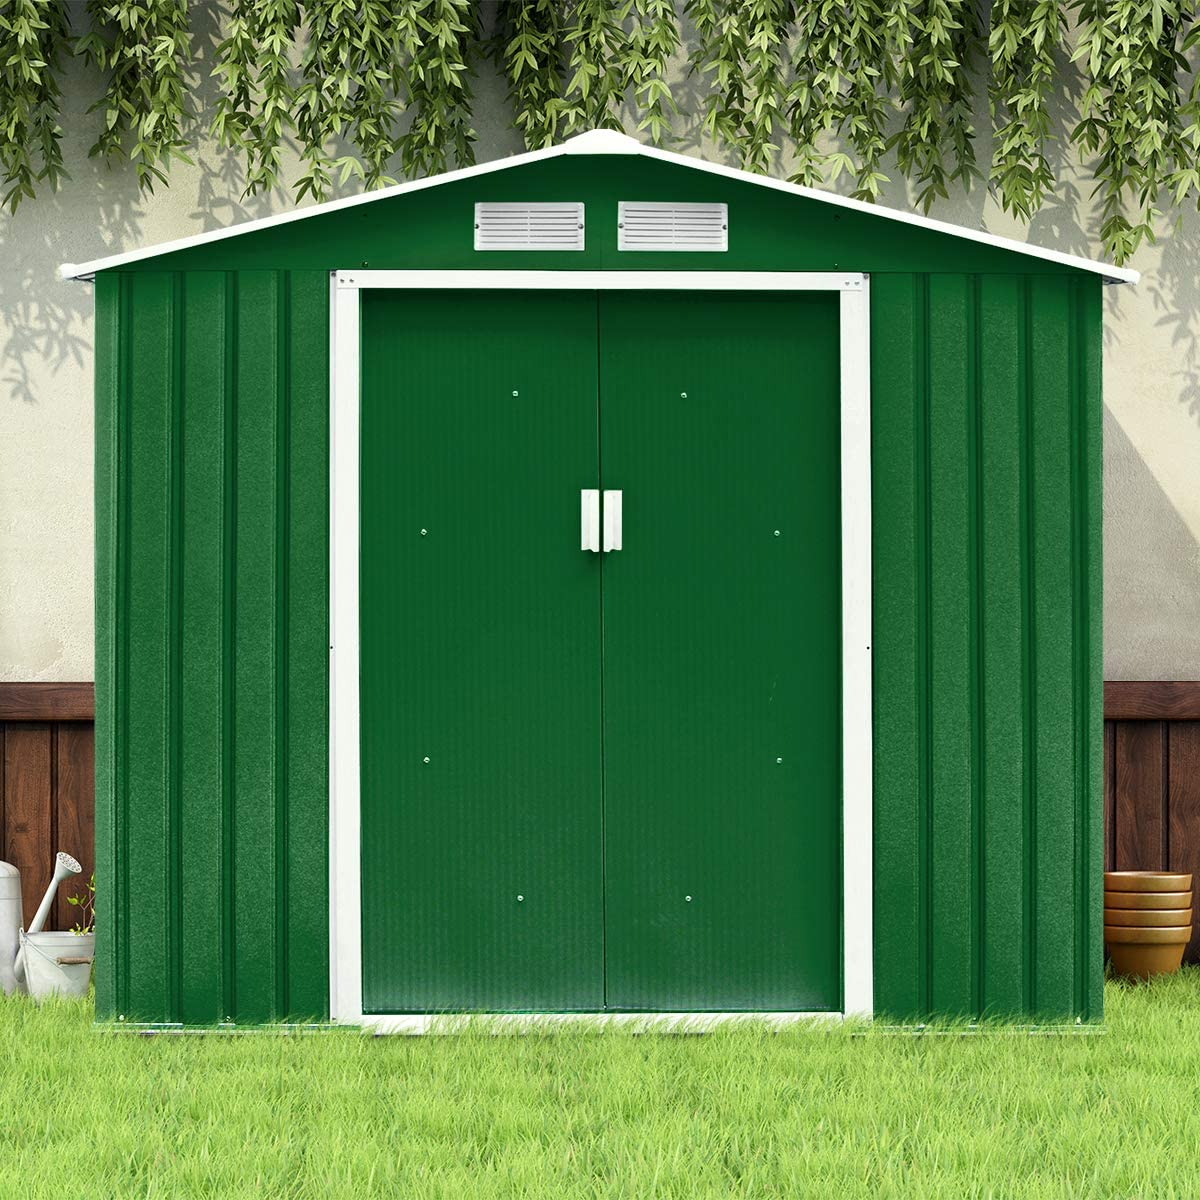 Costway - Caseta de jardín de metal para herramientas de chapa galvanizada, con puerta corredera y dos ventanas de ventilación, 213 x 127 x 185 cm, verde: Amazon.es: Jardín